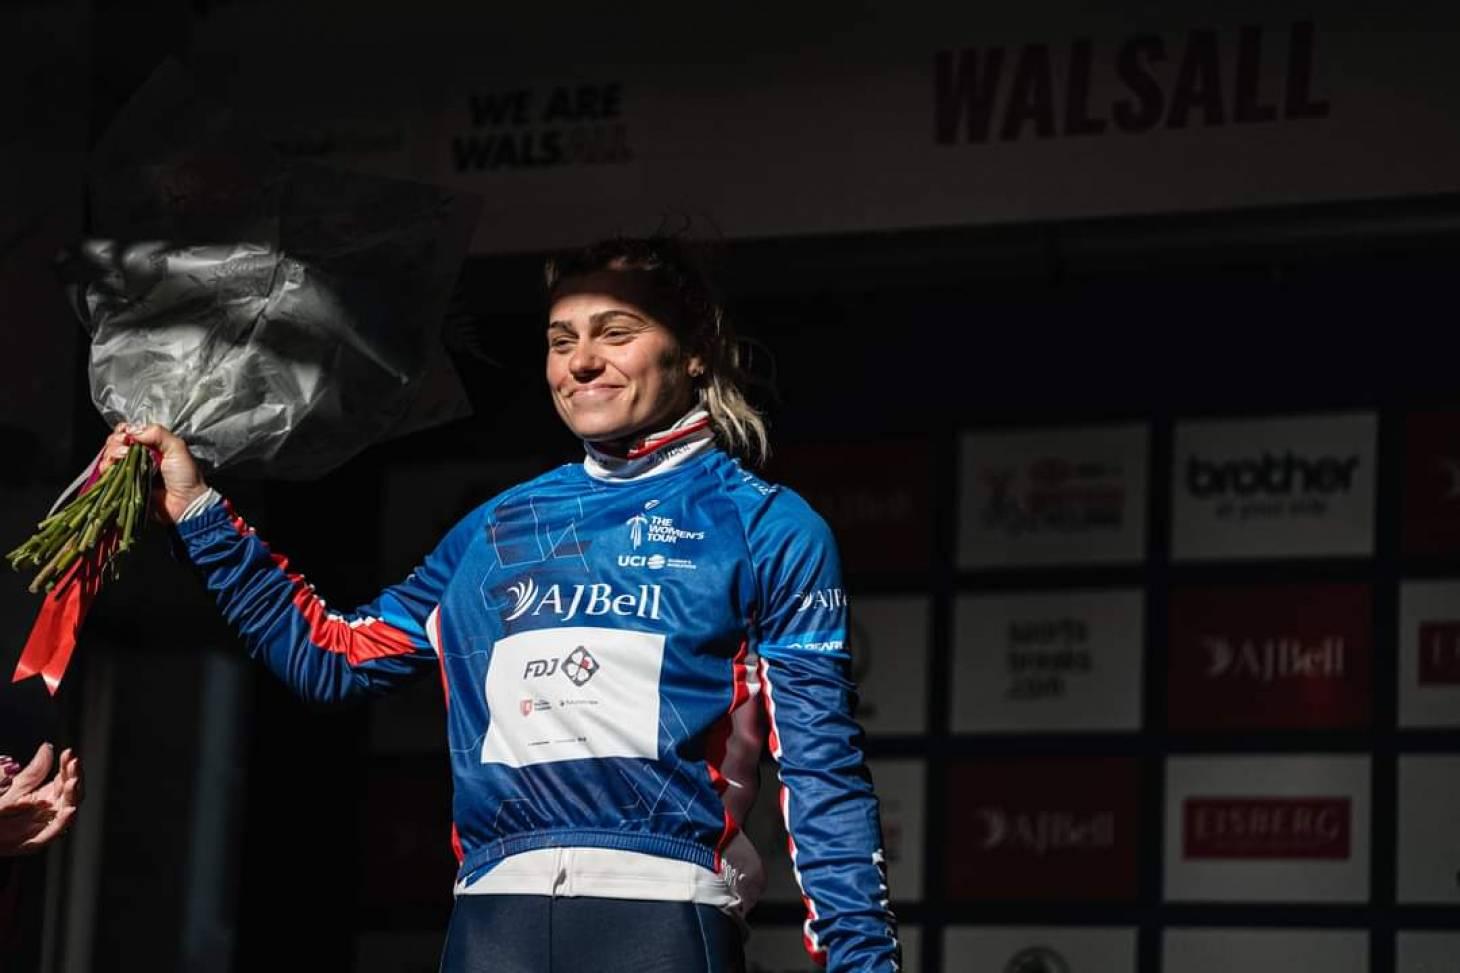 Cyclisme/Women's Tour - Clara Copponi prend la tête du classement